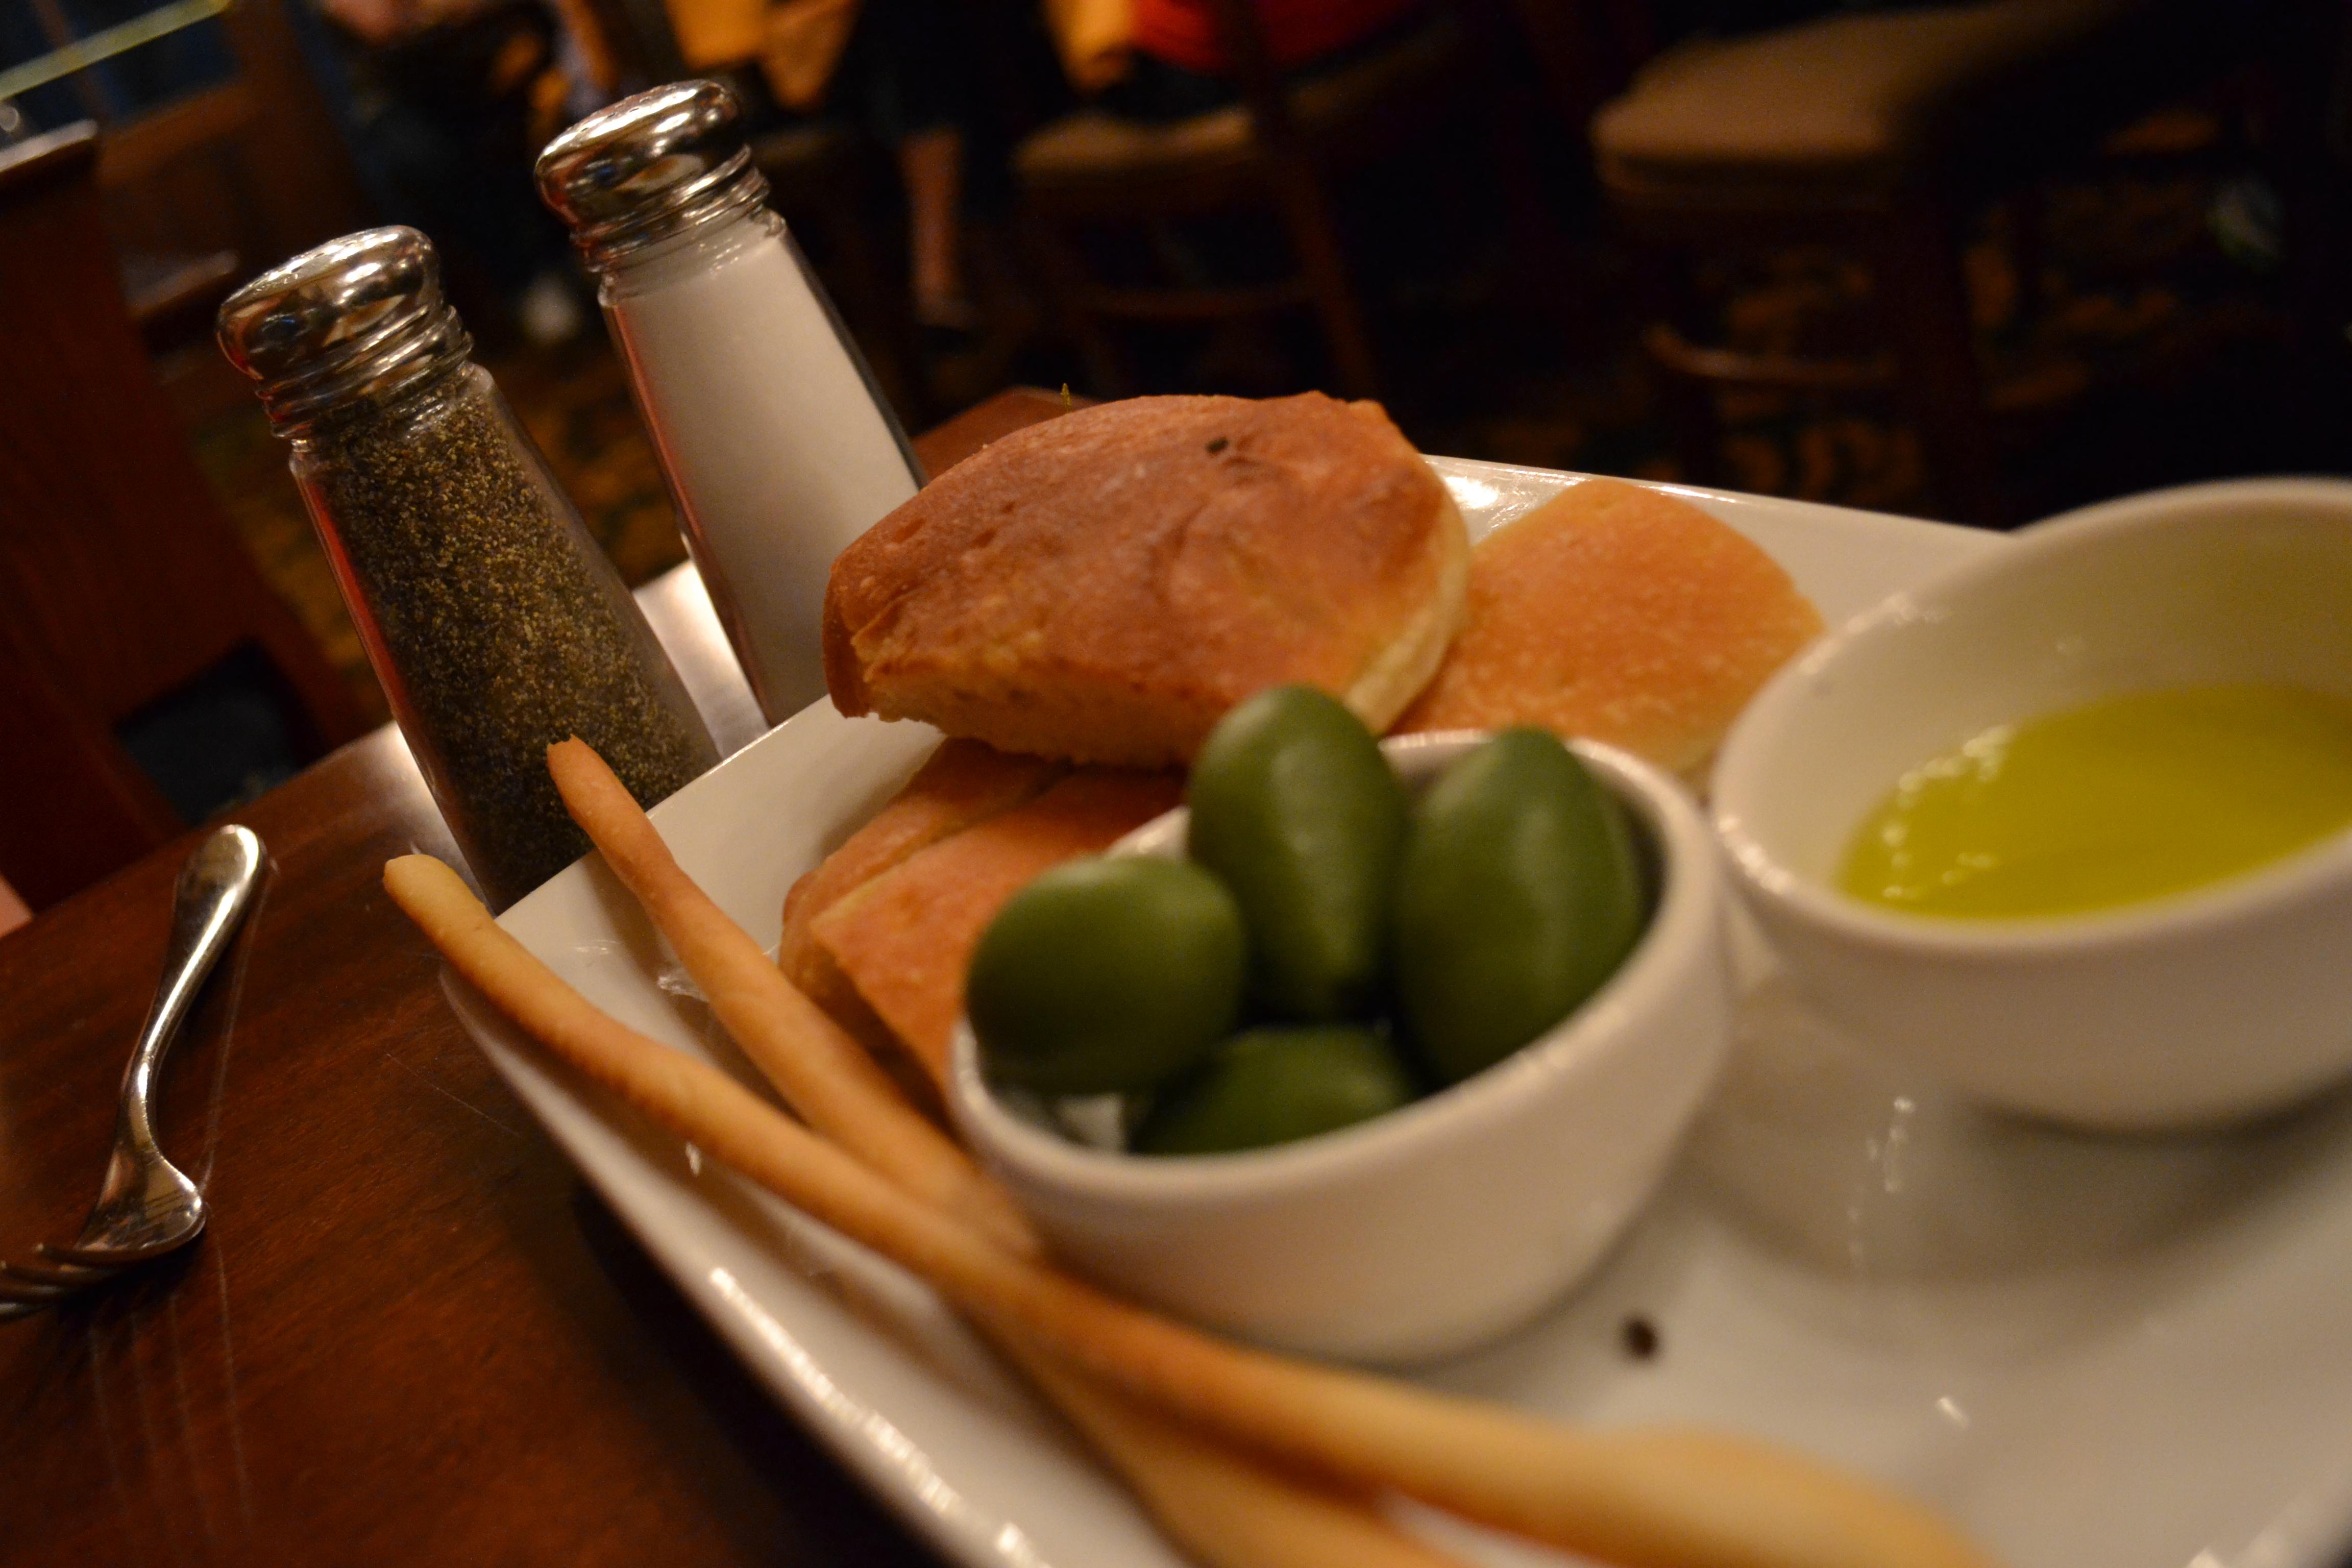 Couvert no Tutto Italia, com pães, azeite e azeitonas